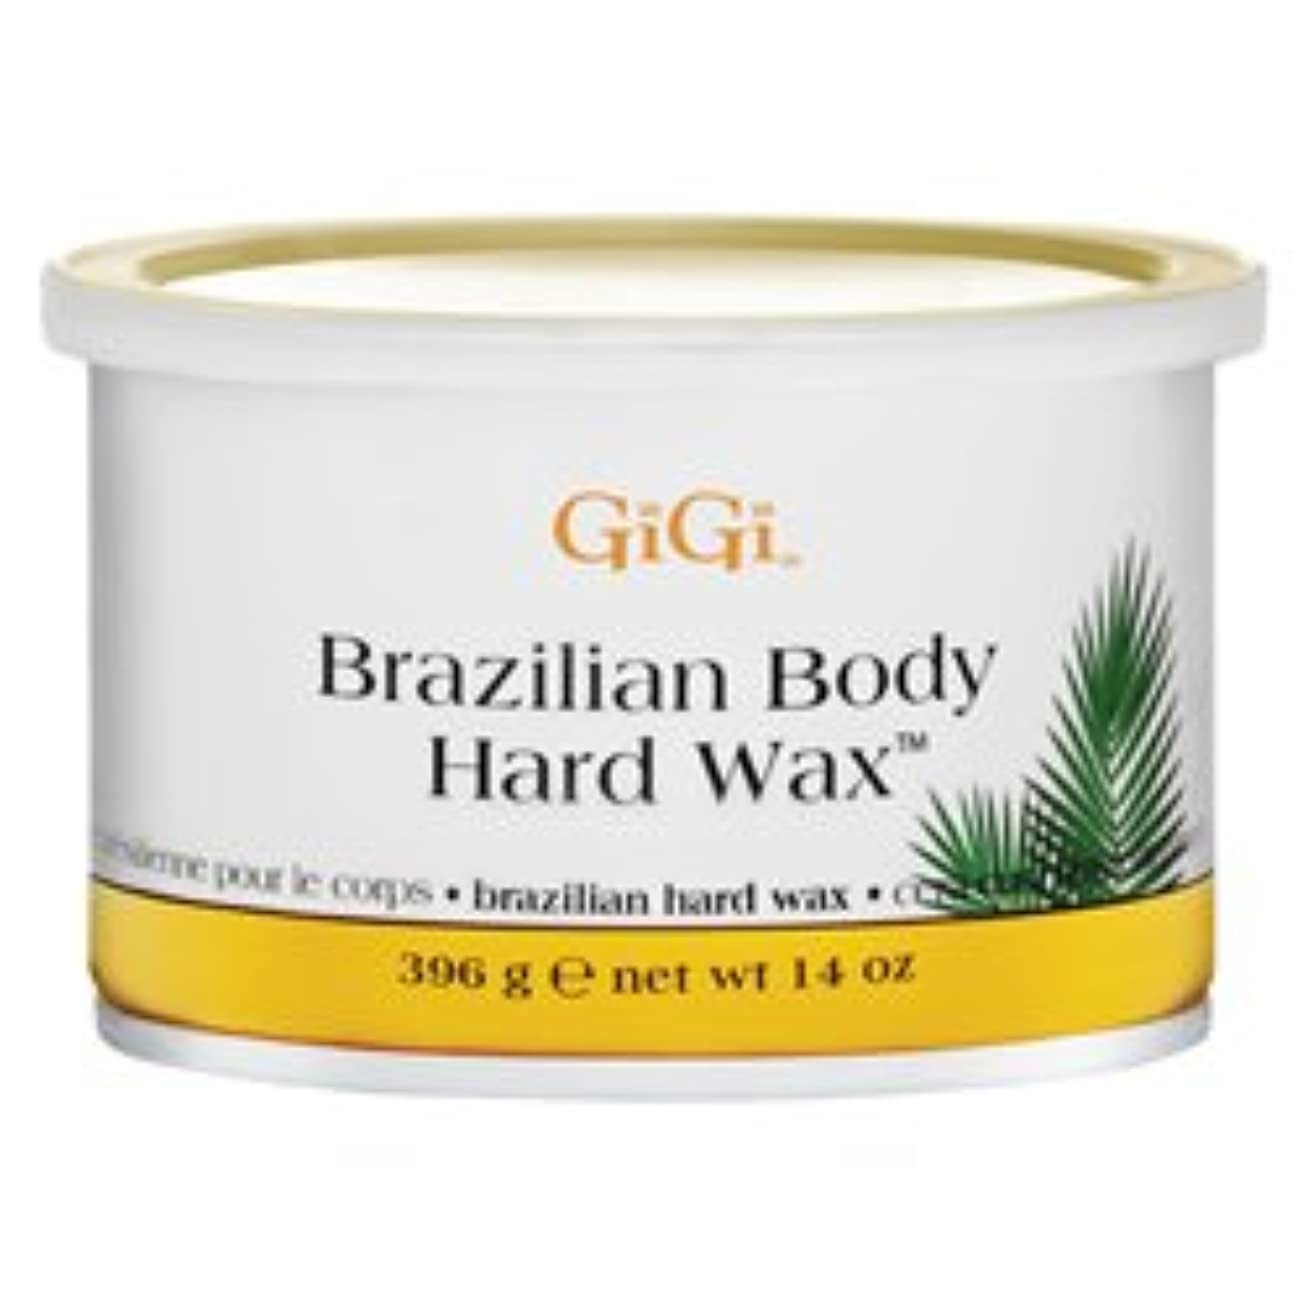 未払い喉頭オーバーランブラジリアンボディハード脱毛ワックス 396g (並行輸入品)